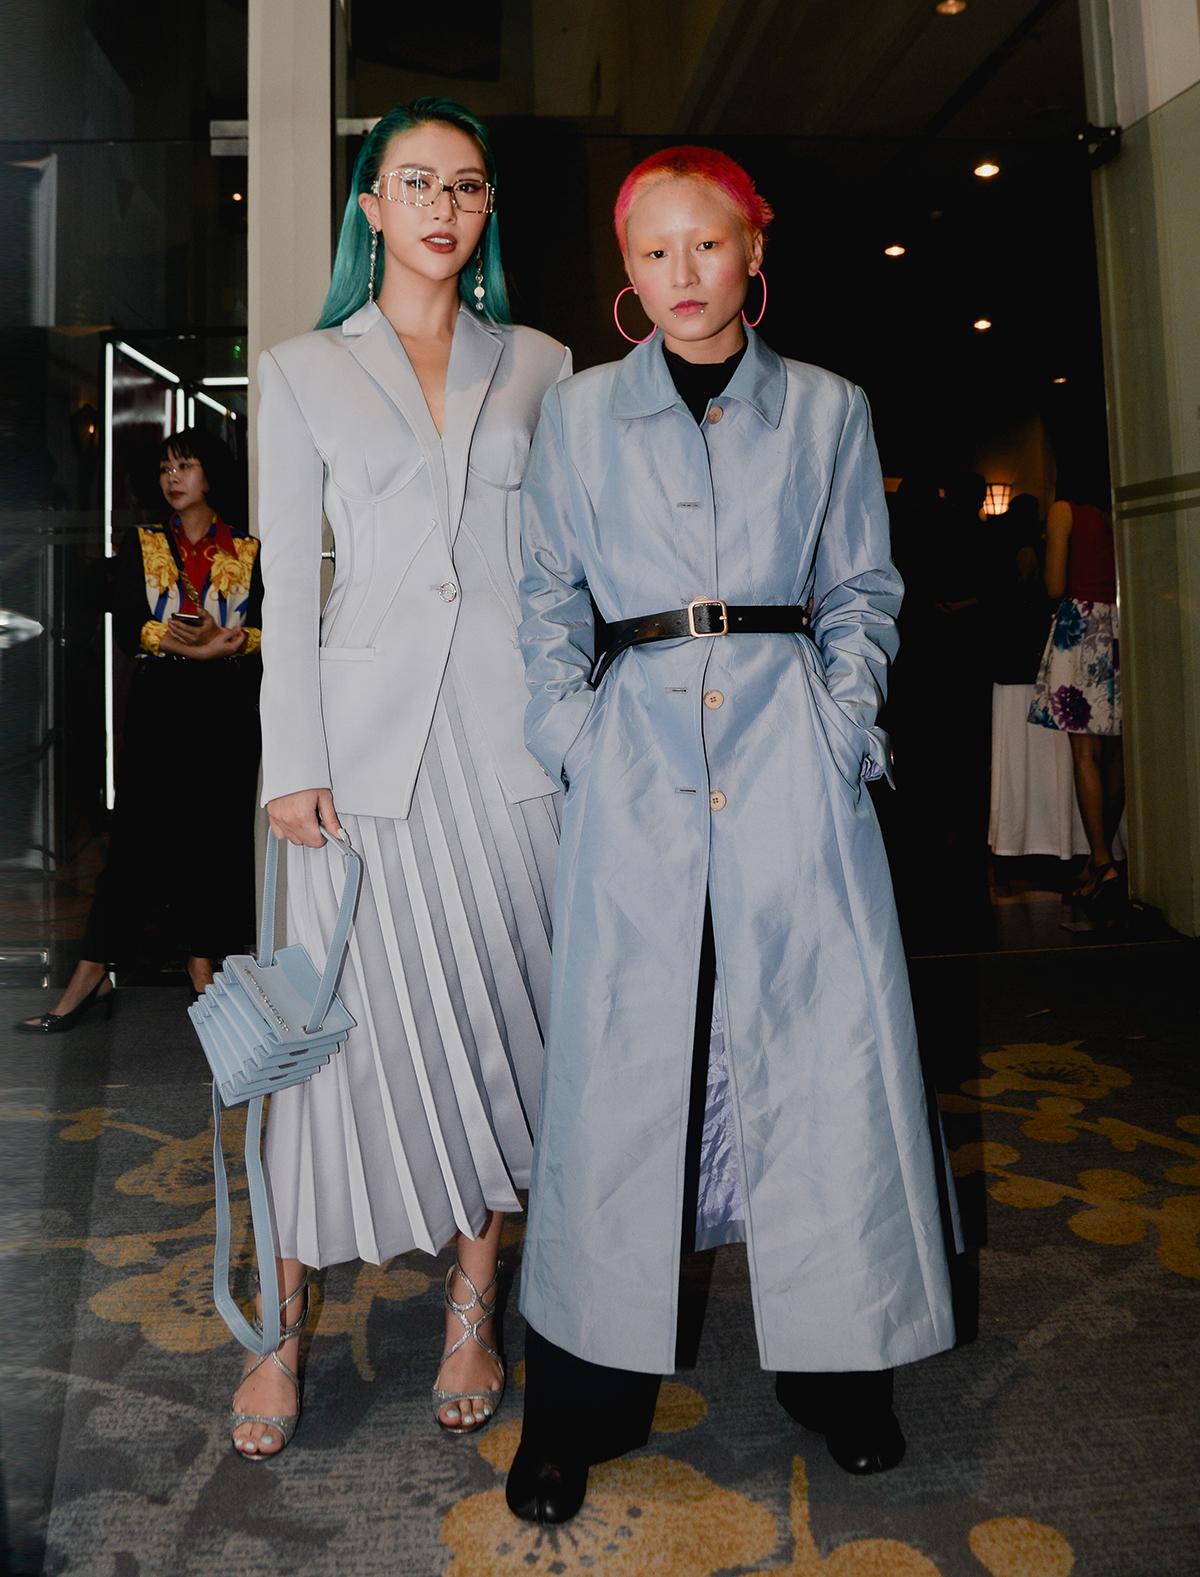 Quỳnh Nhi (phải) đầy cá tính khi diện đồ cảm hứng tương lai, khoe mái tóc hồng neon bên hot girl Quỳnh Anh Shyn.